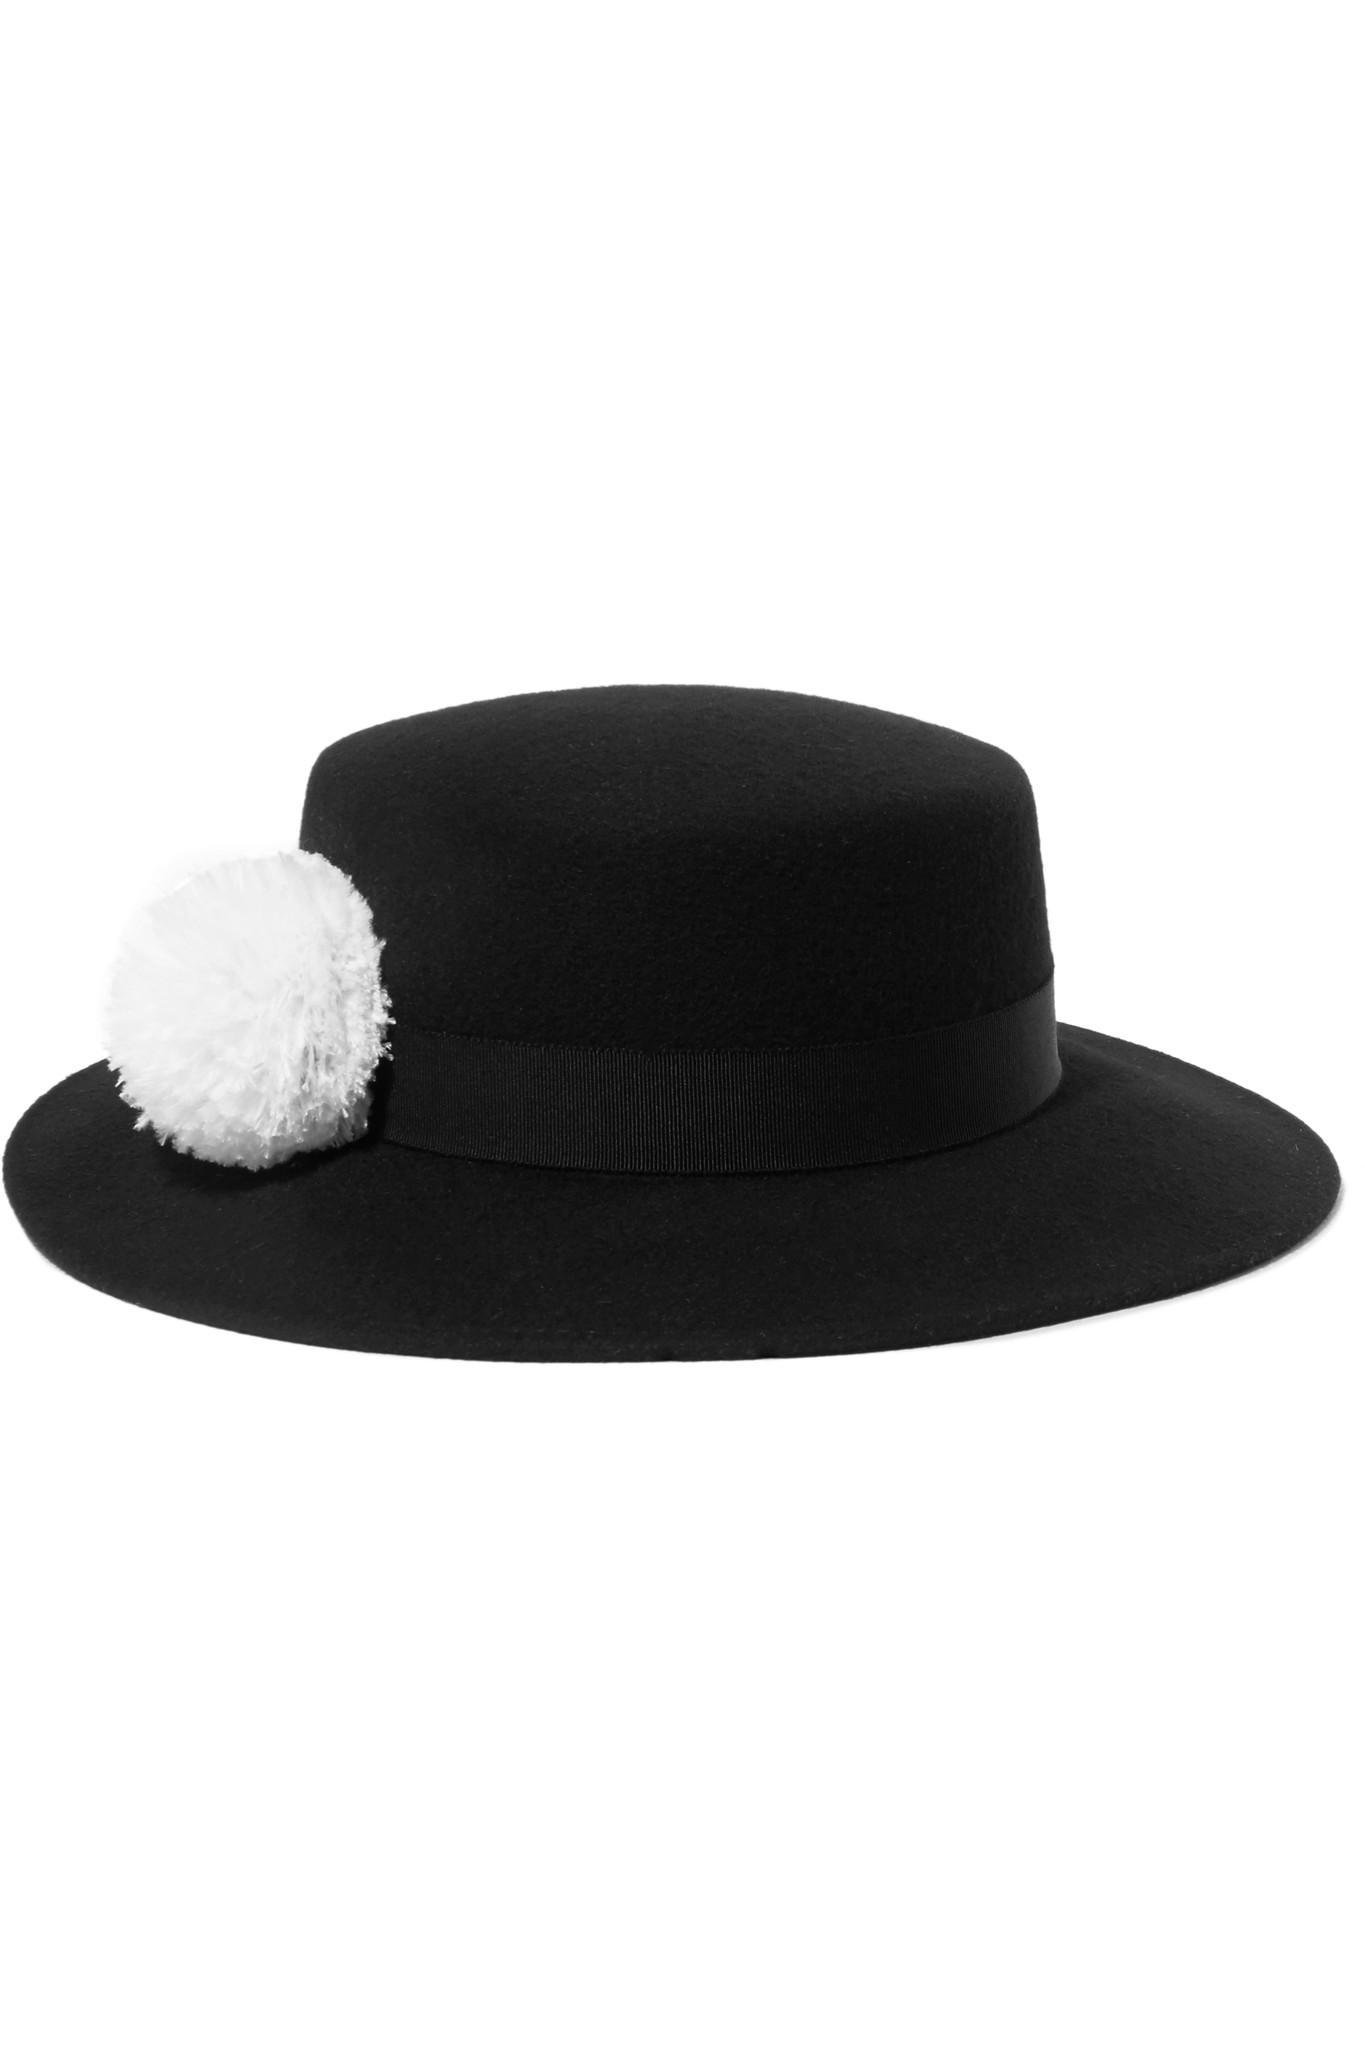 d896c9fa359 Eugenia Kim Brigitte Feather-trimmed Wool-felt Hat in Black - Lyst